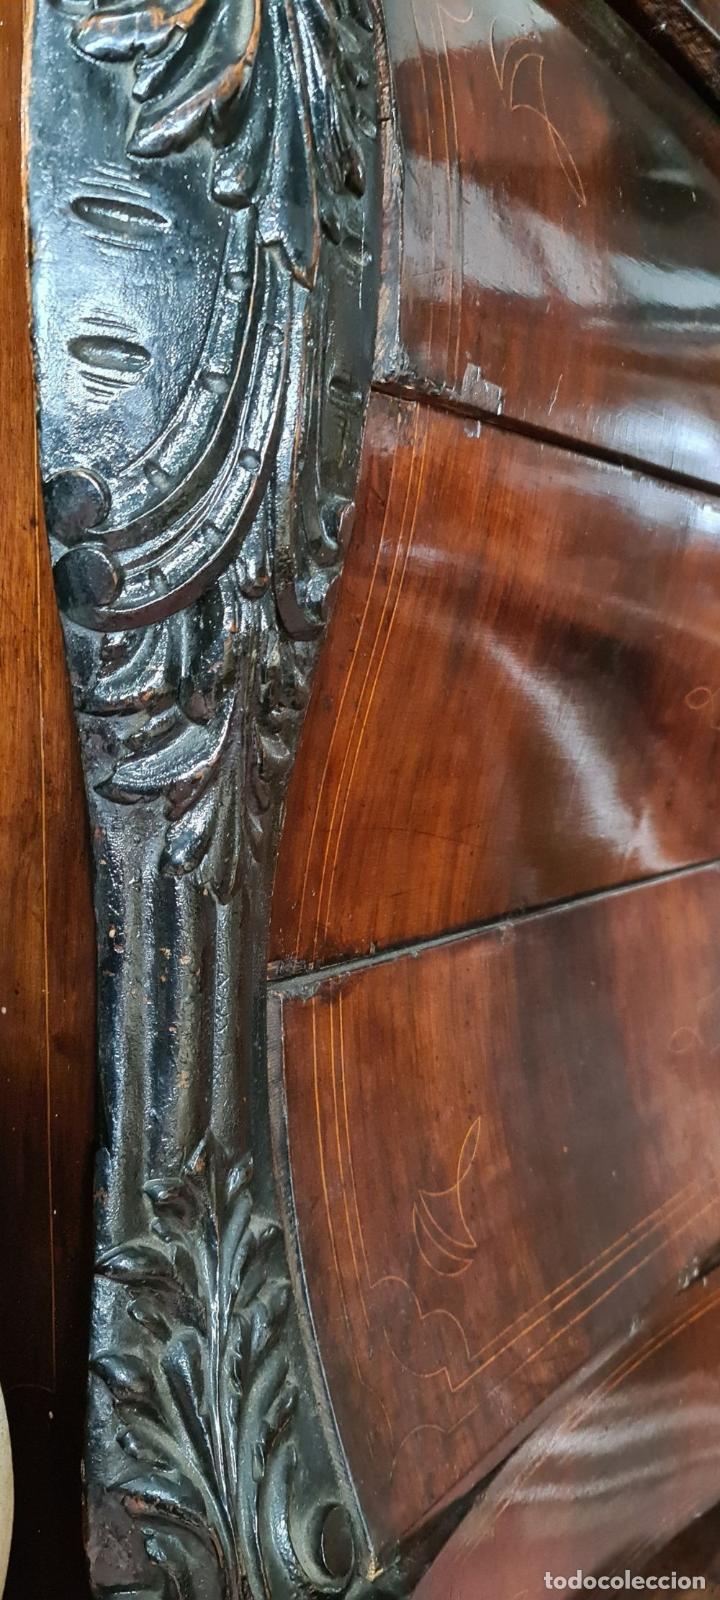 Antigüedades: COMODA EN MADERA DE PALISANDRO. ESTILO ISABELINO. MARQUETERIA DE BOJ. SIGLO XIX. - Foto 24 - 242040395